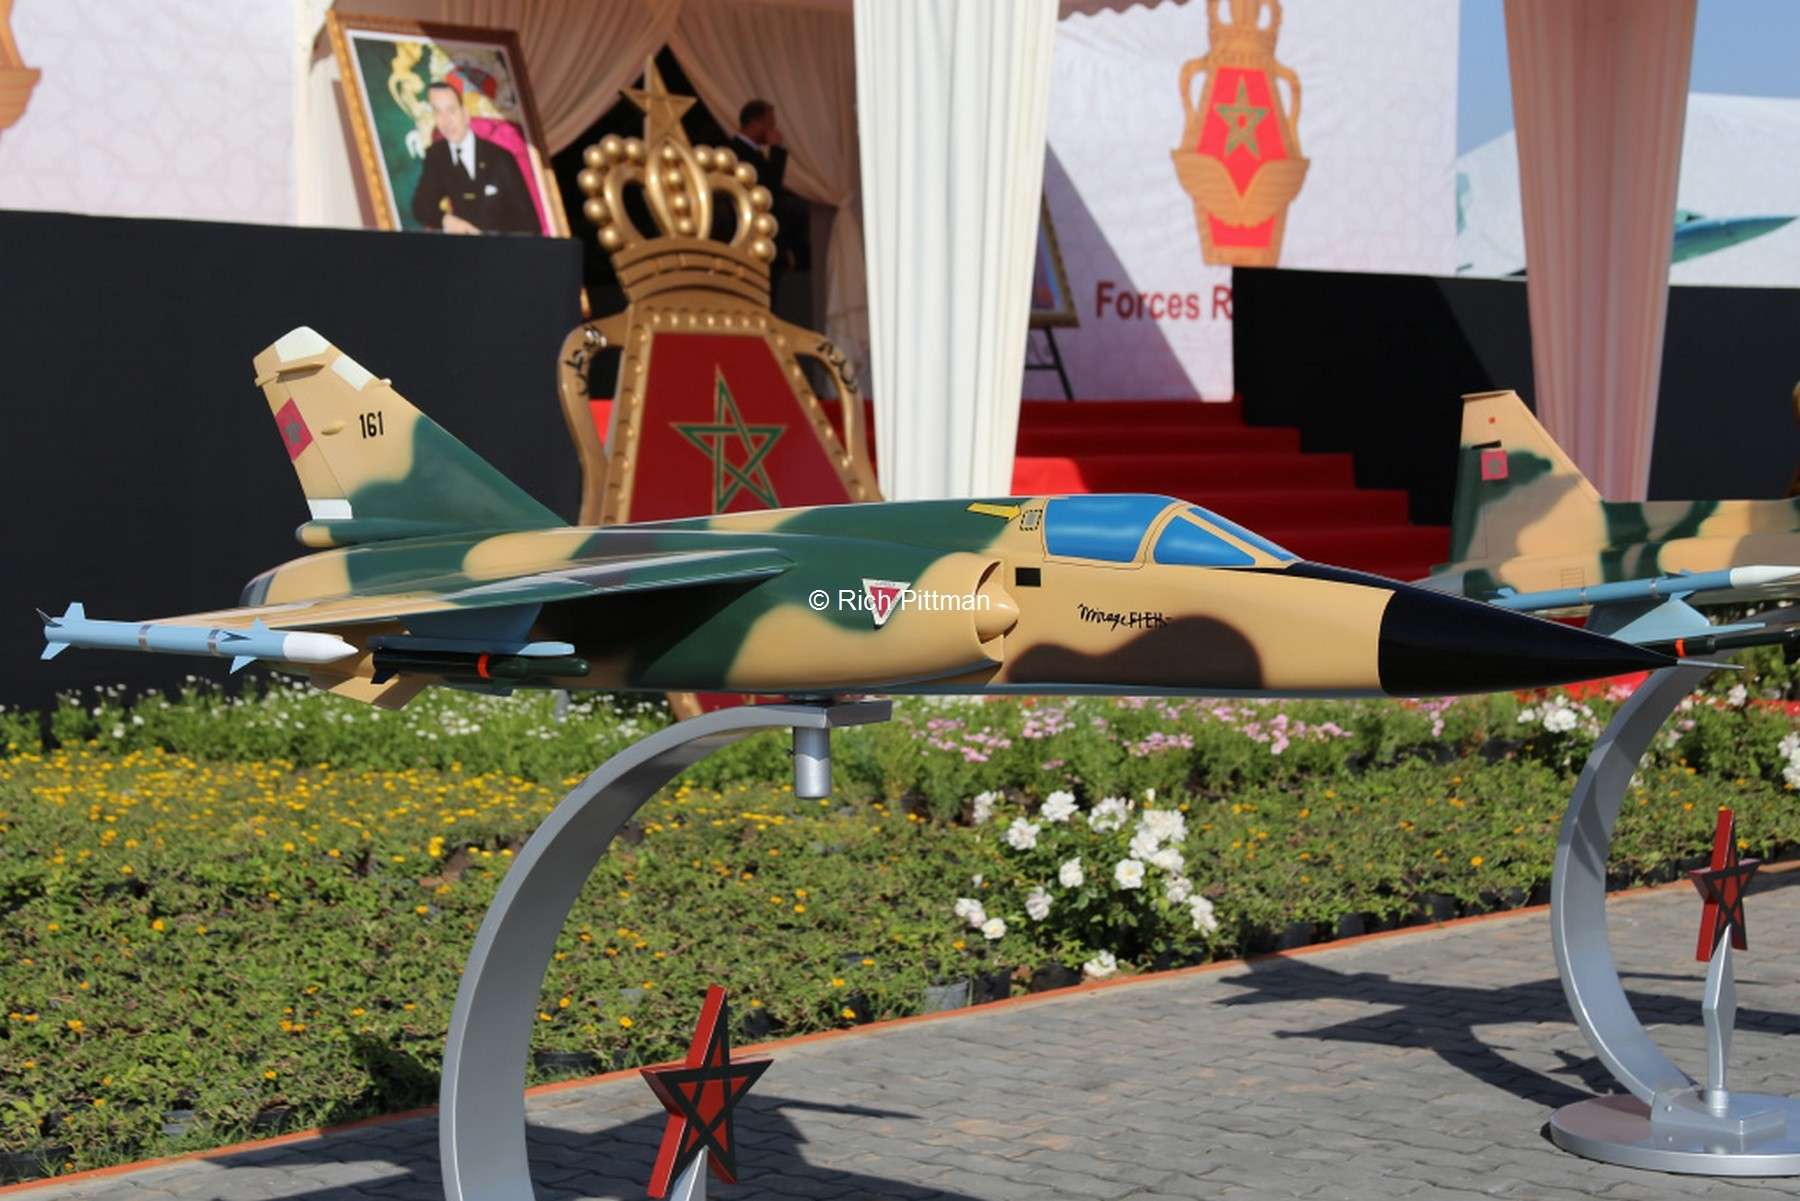 Photos Marrakech Air Show 2014 : Stands FRA et MRM Marrak67